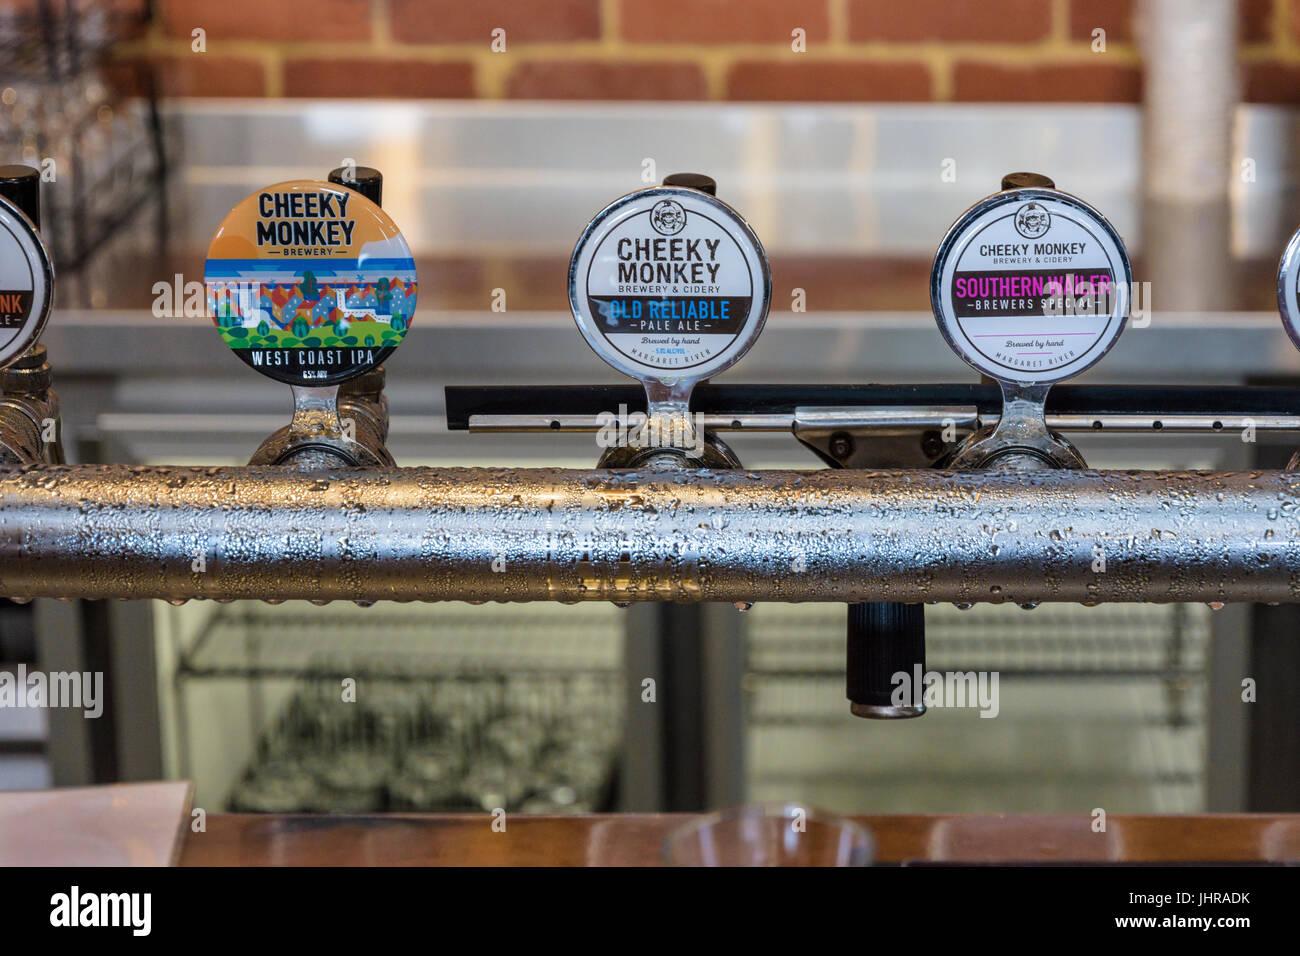 Rubinetti di birra al dettaglio Cheeky Monkey birreria, Wilyabrup, Australia occidentale Immagini Stock